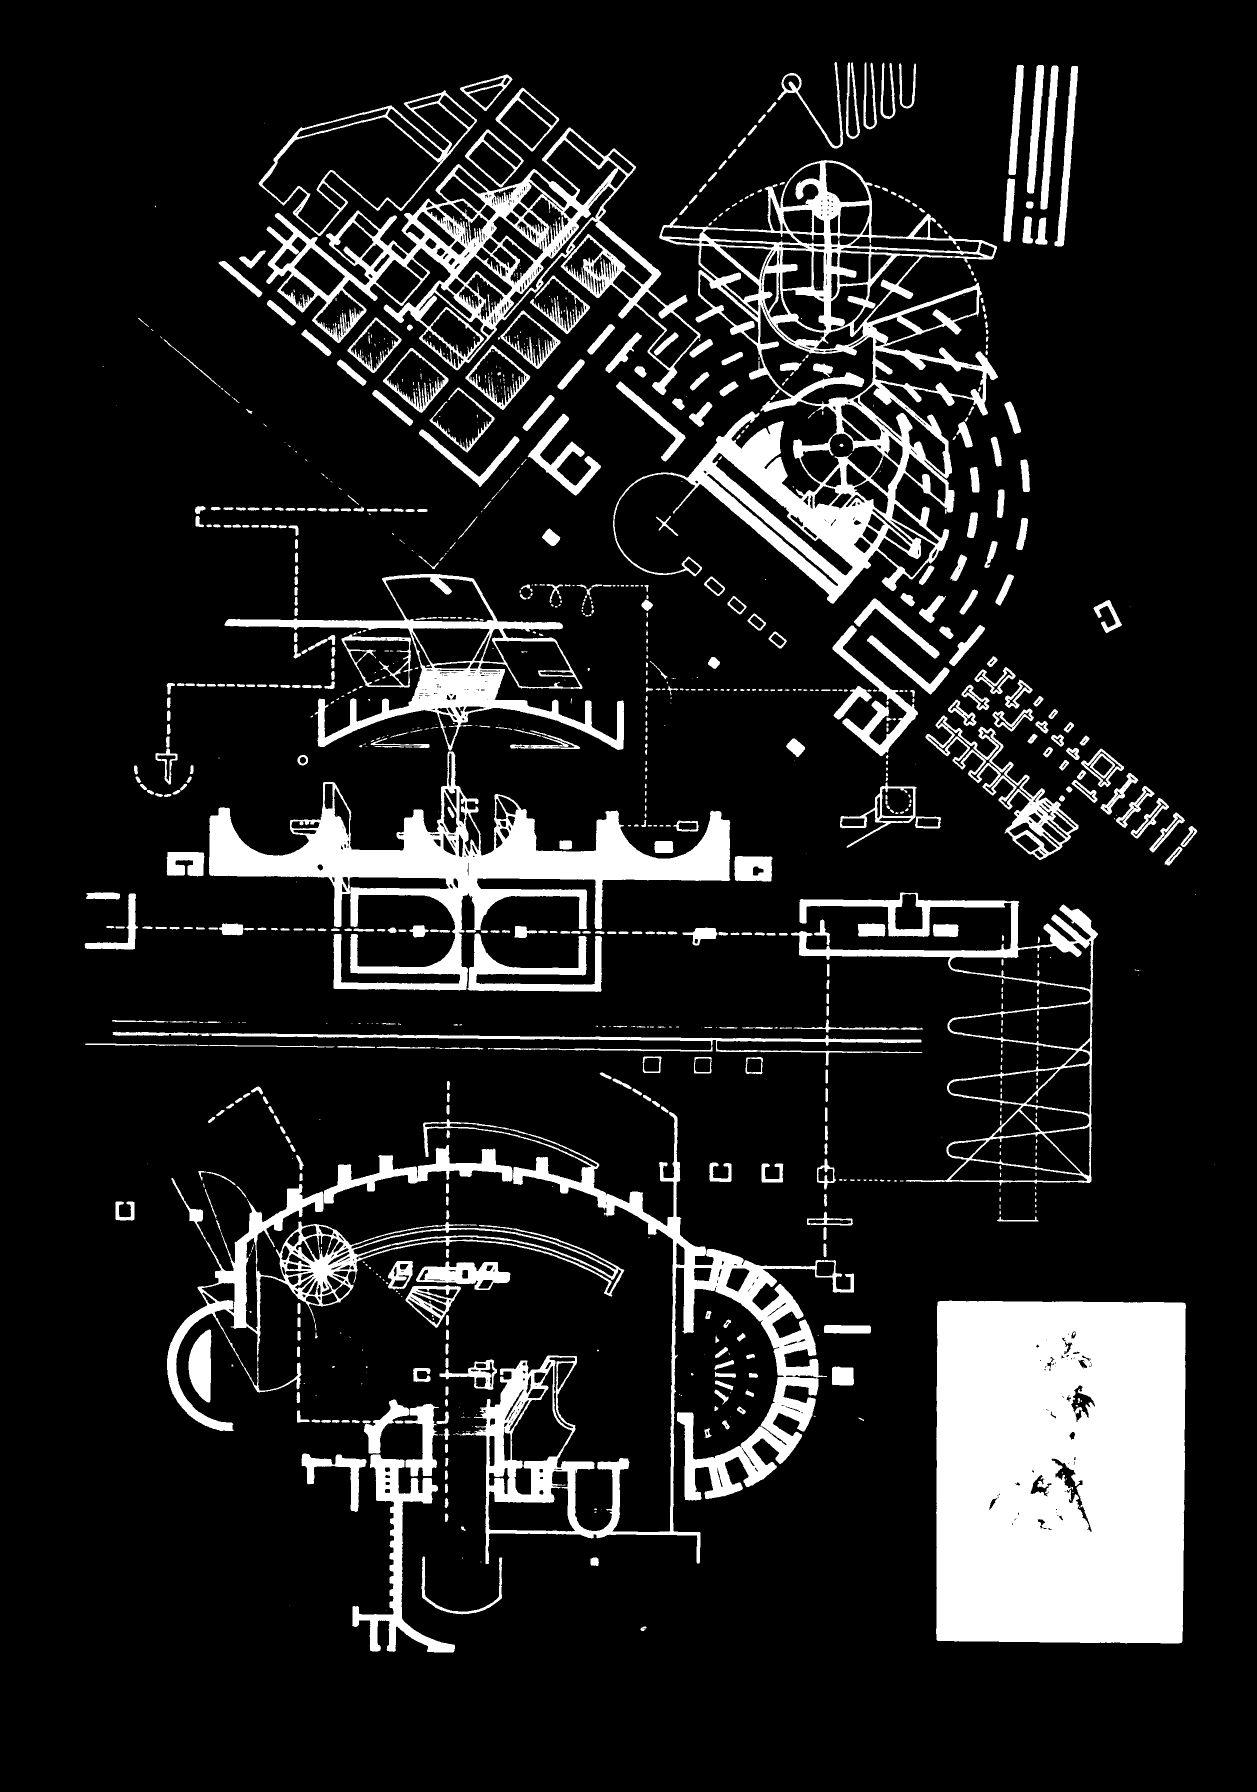 Stan allen piranesis campo marzio an experimental design 1989 stan allen piranesis campo marzio an experimental design publicscrutiny Images